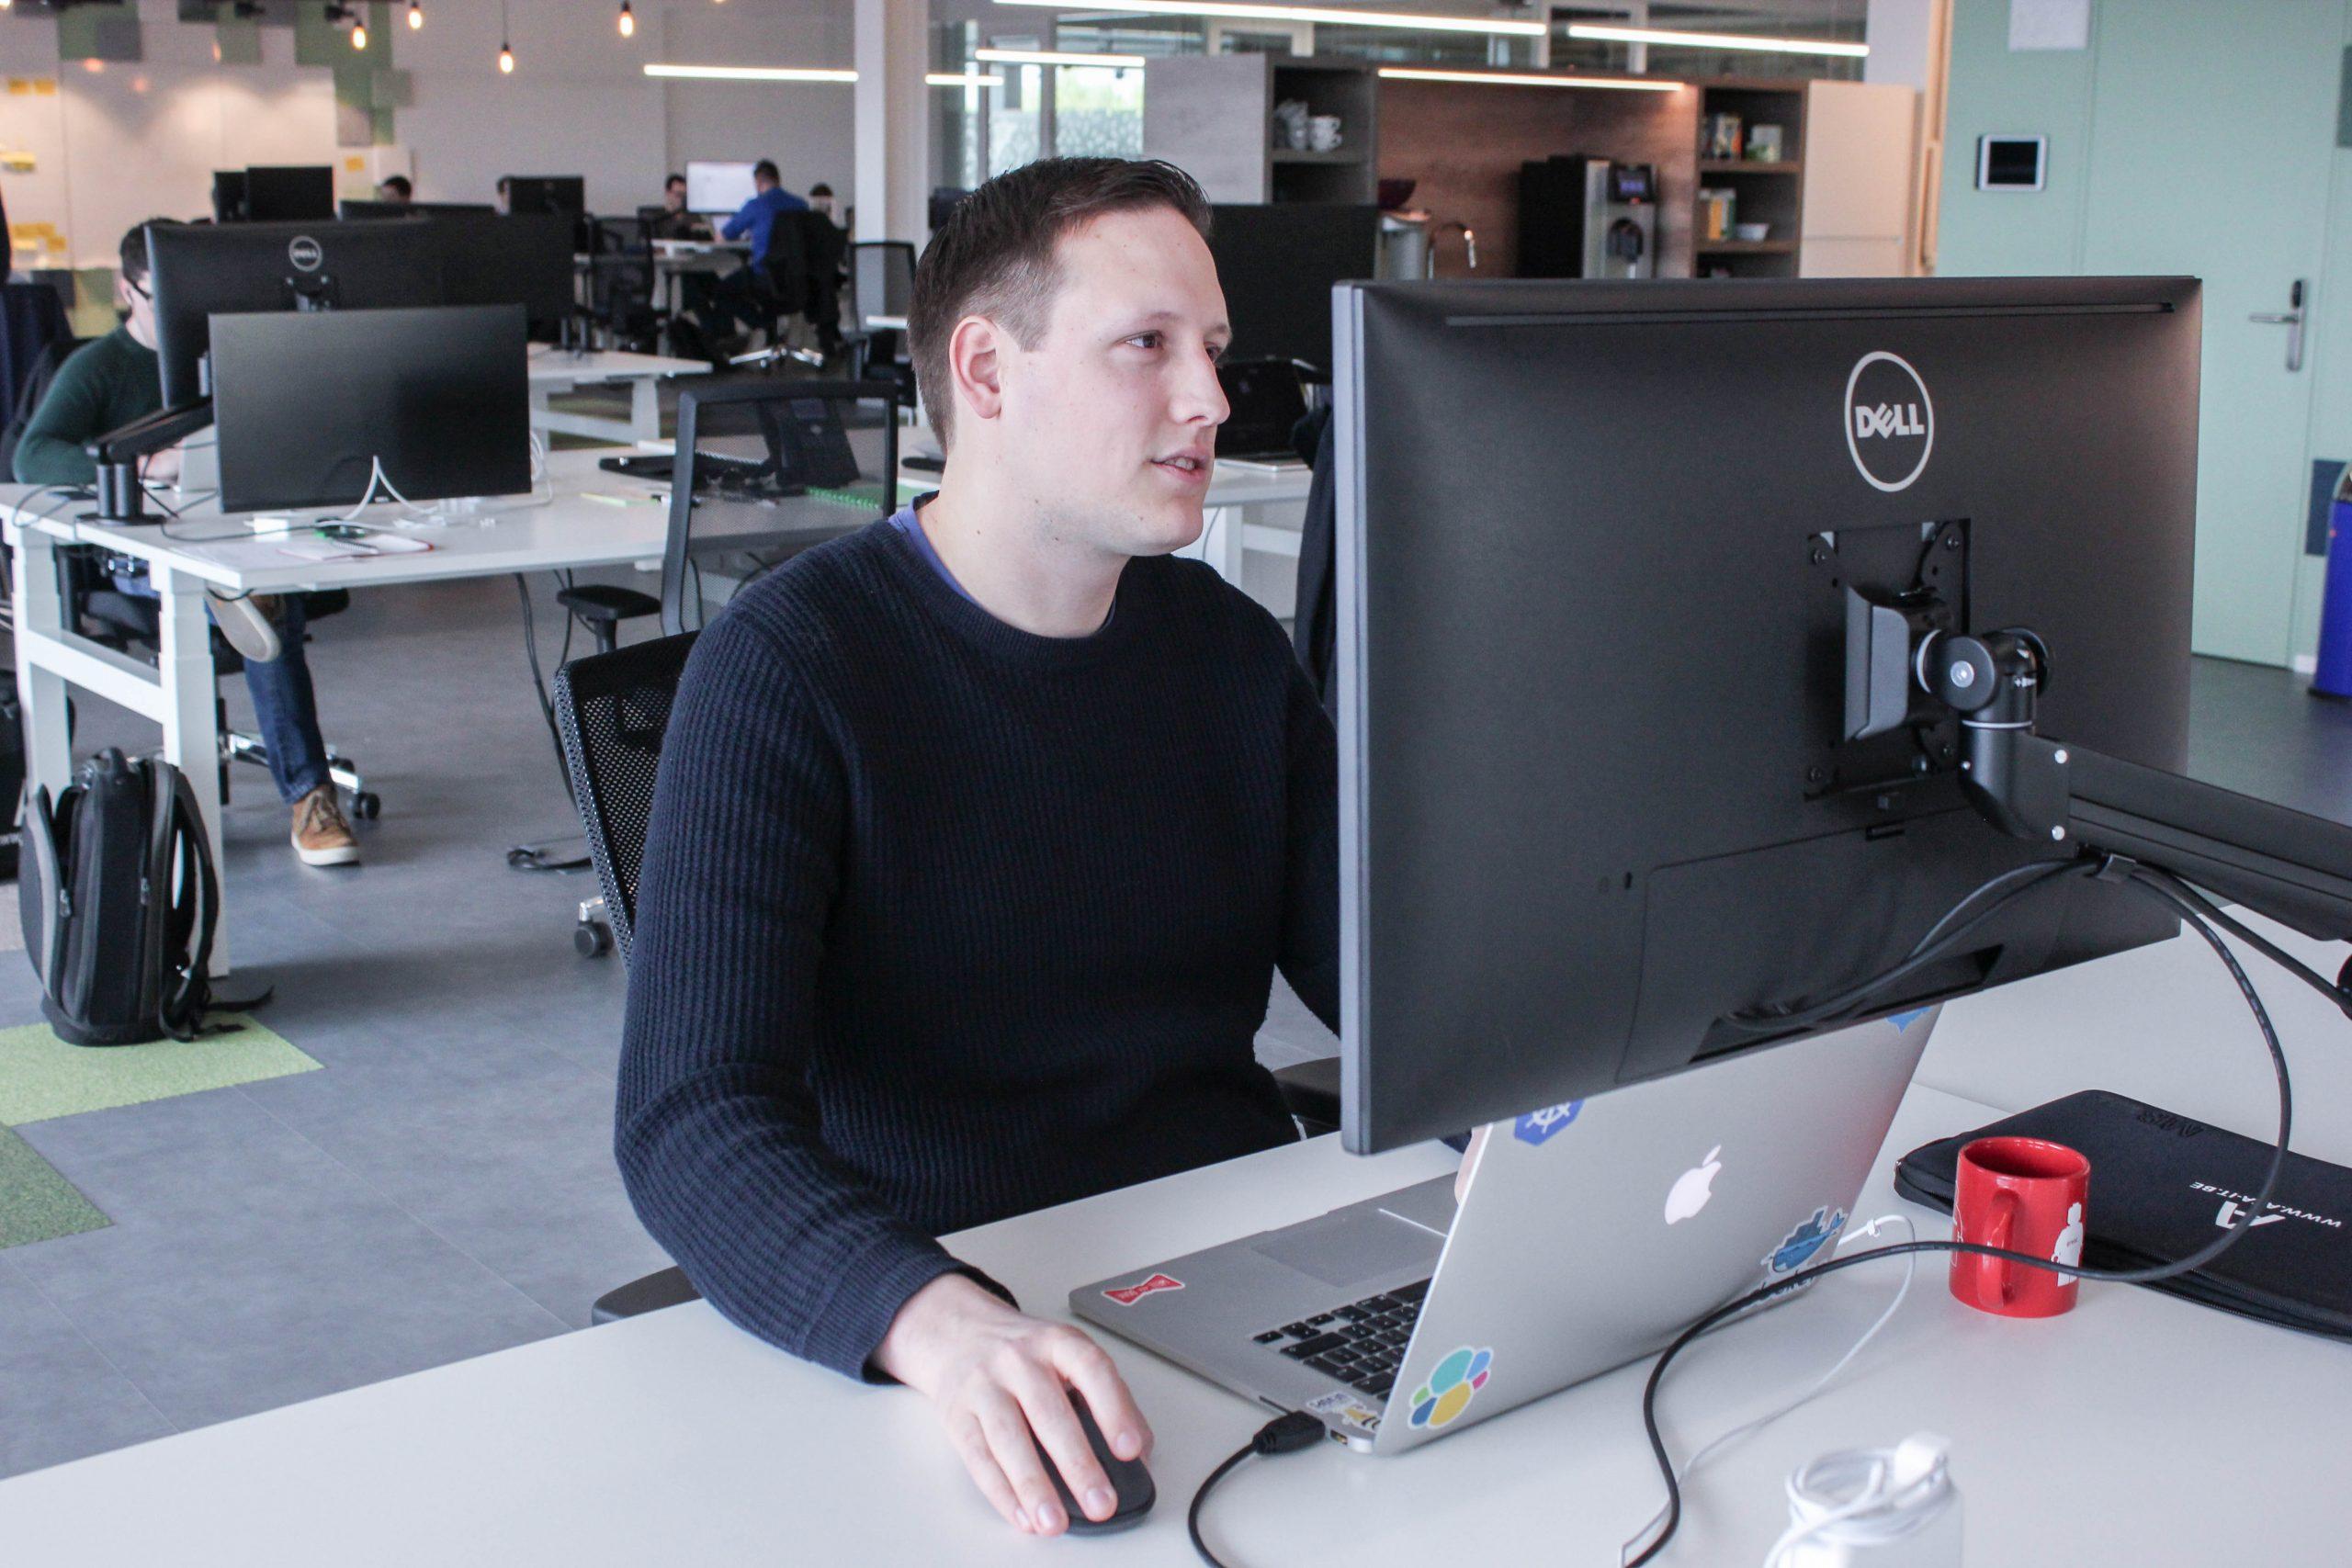 ACA employee at laptop - developing for Medi-Market